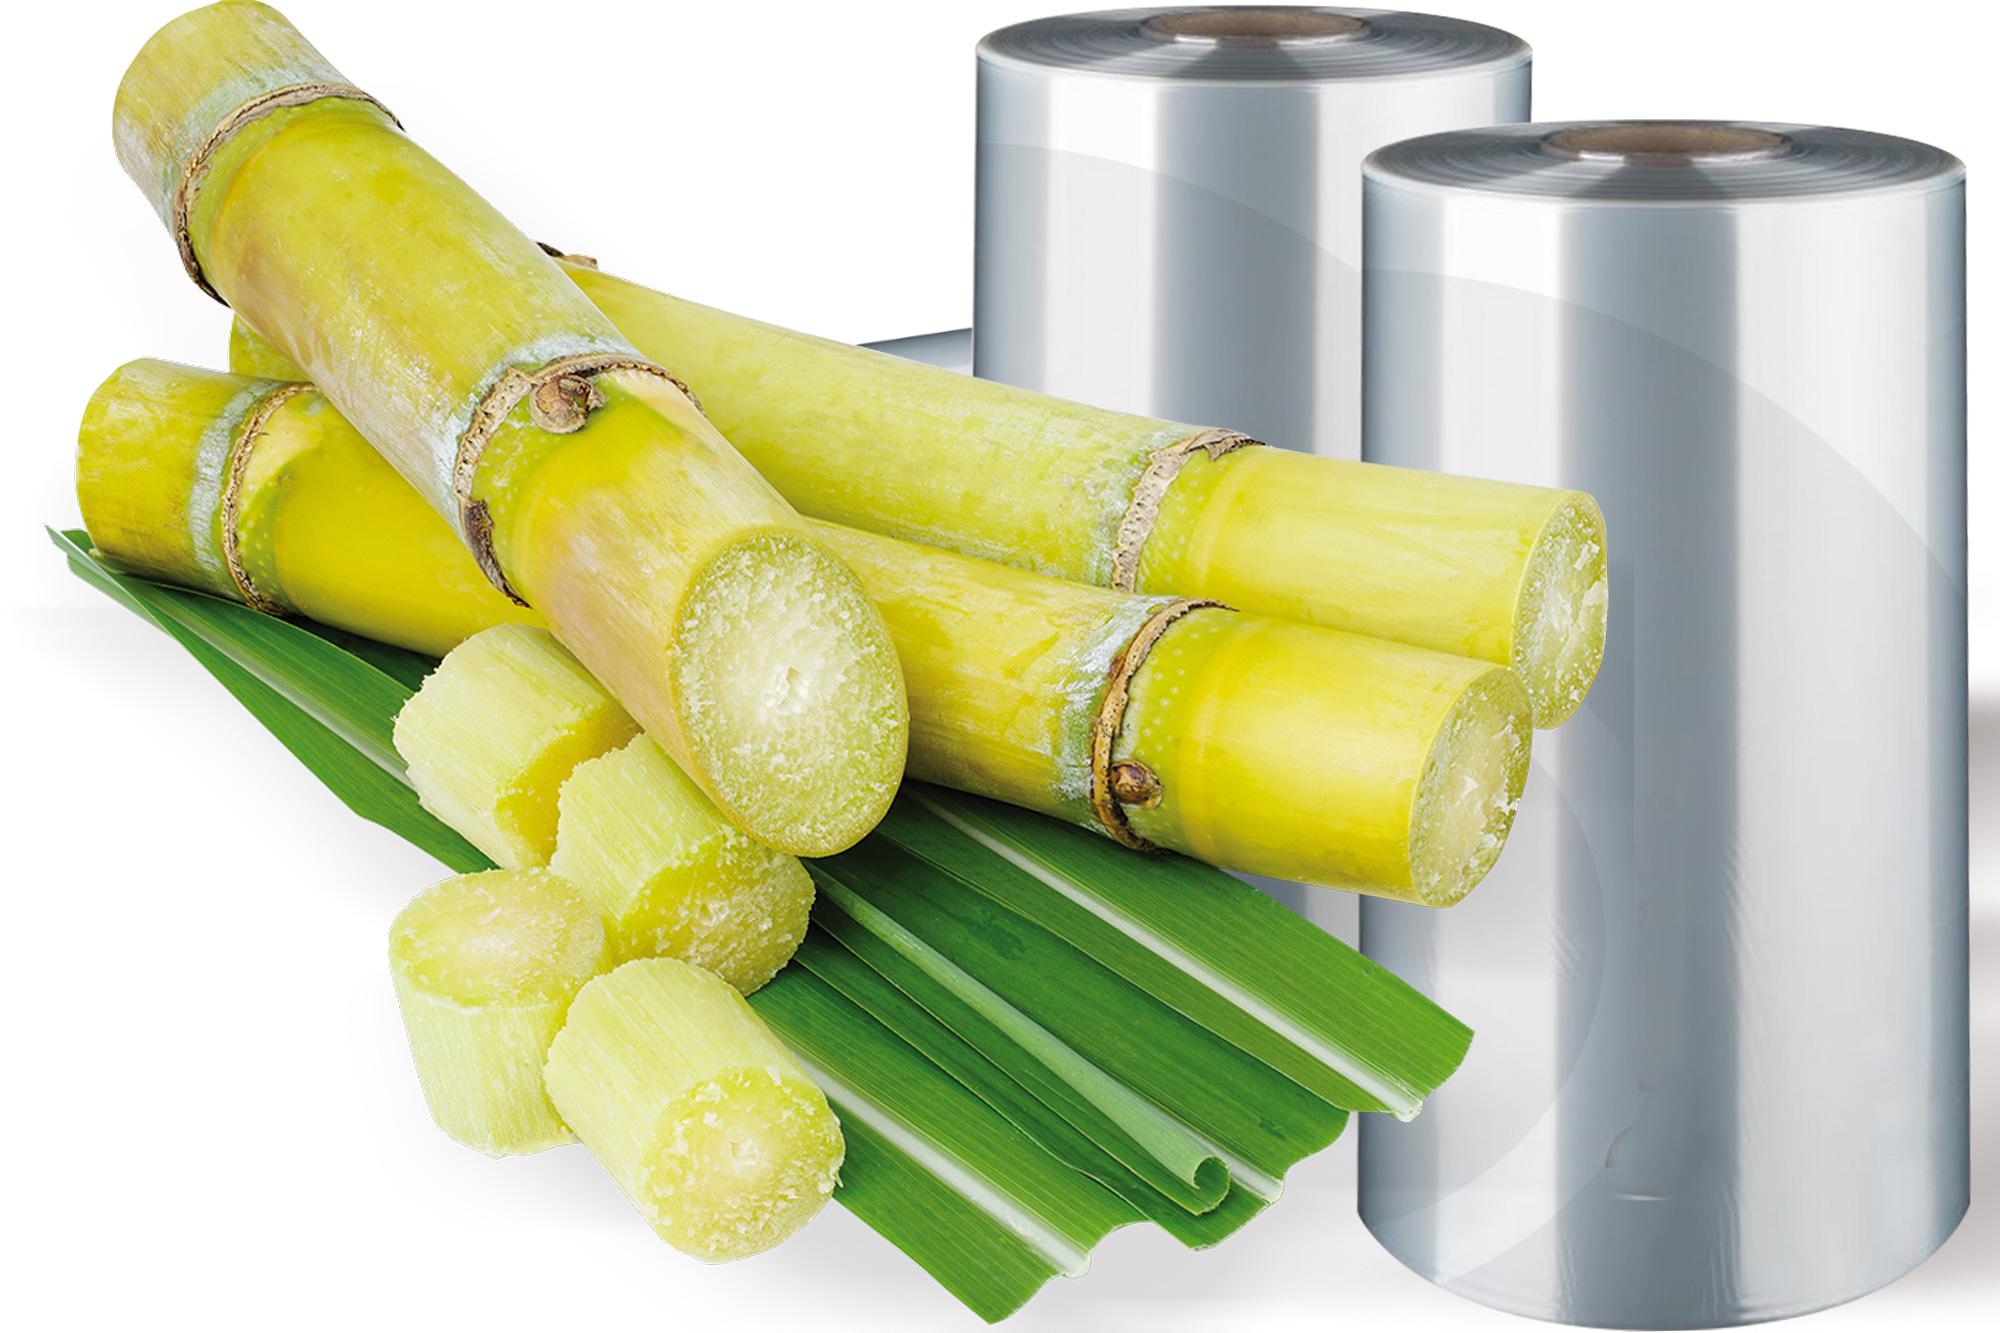 ekologiczna poliolefina wytwarzana z trzciny cukrowej